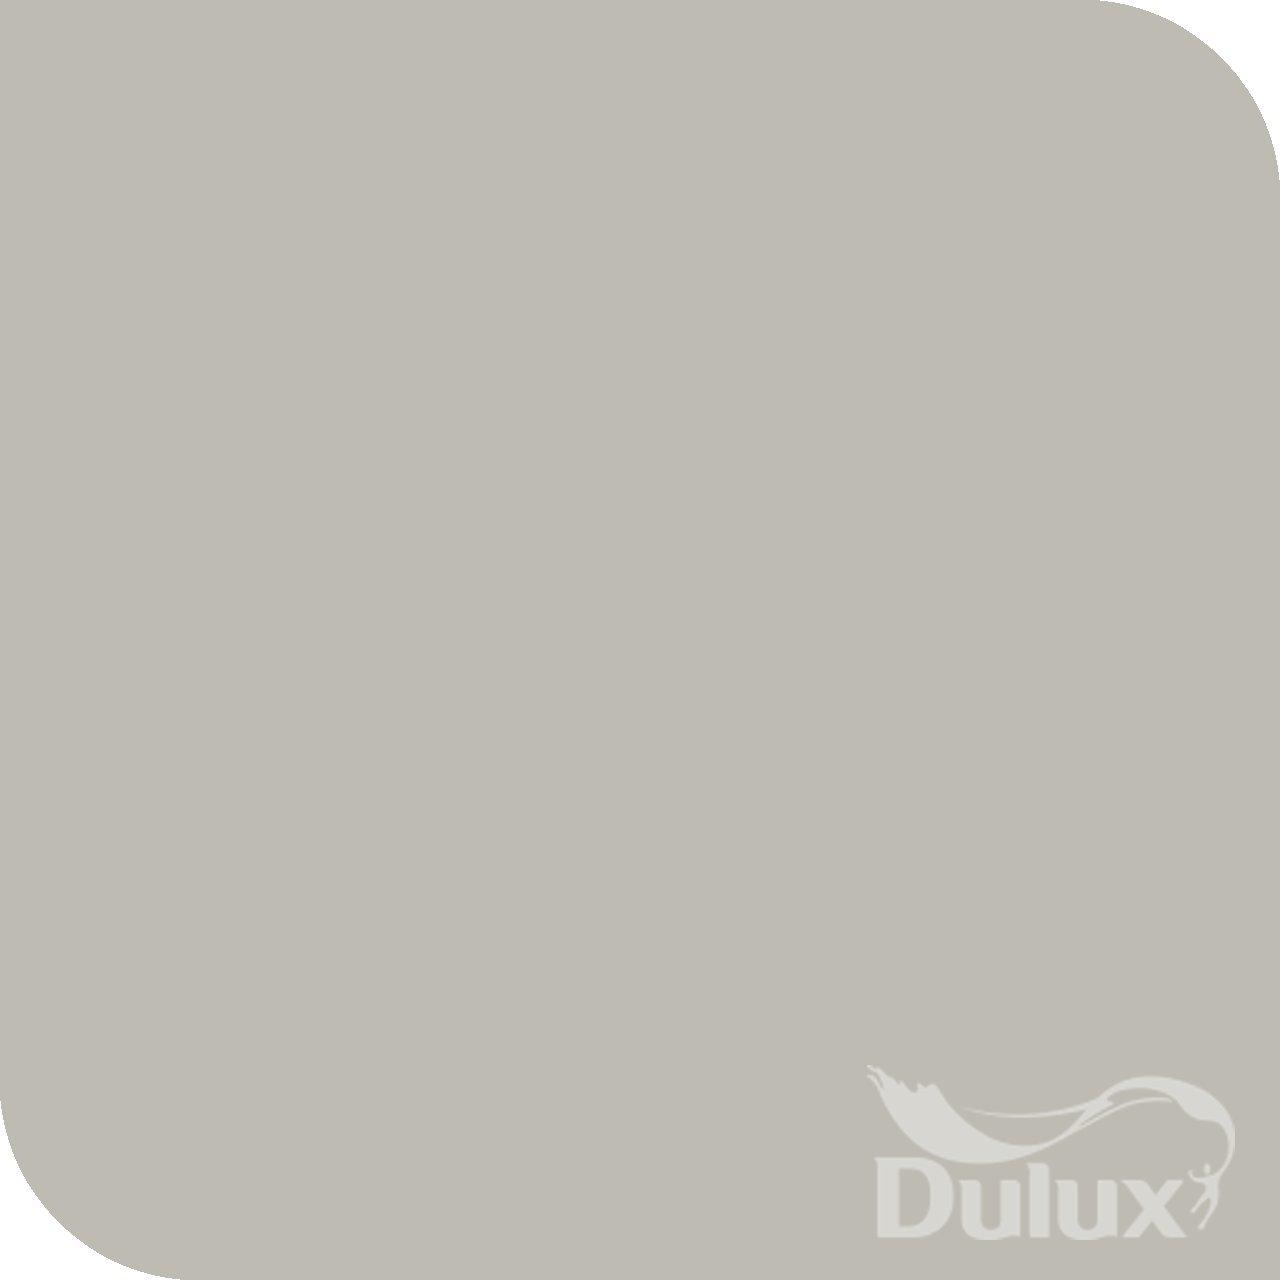 dulux kitchen tile paint colours. dulux kitchen tile paint colours